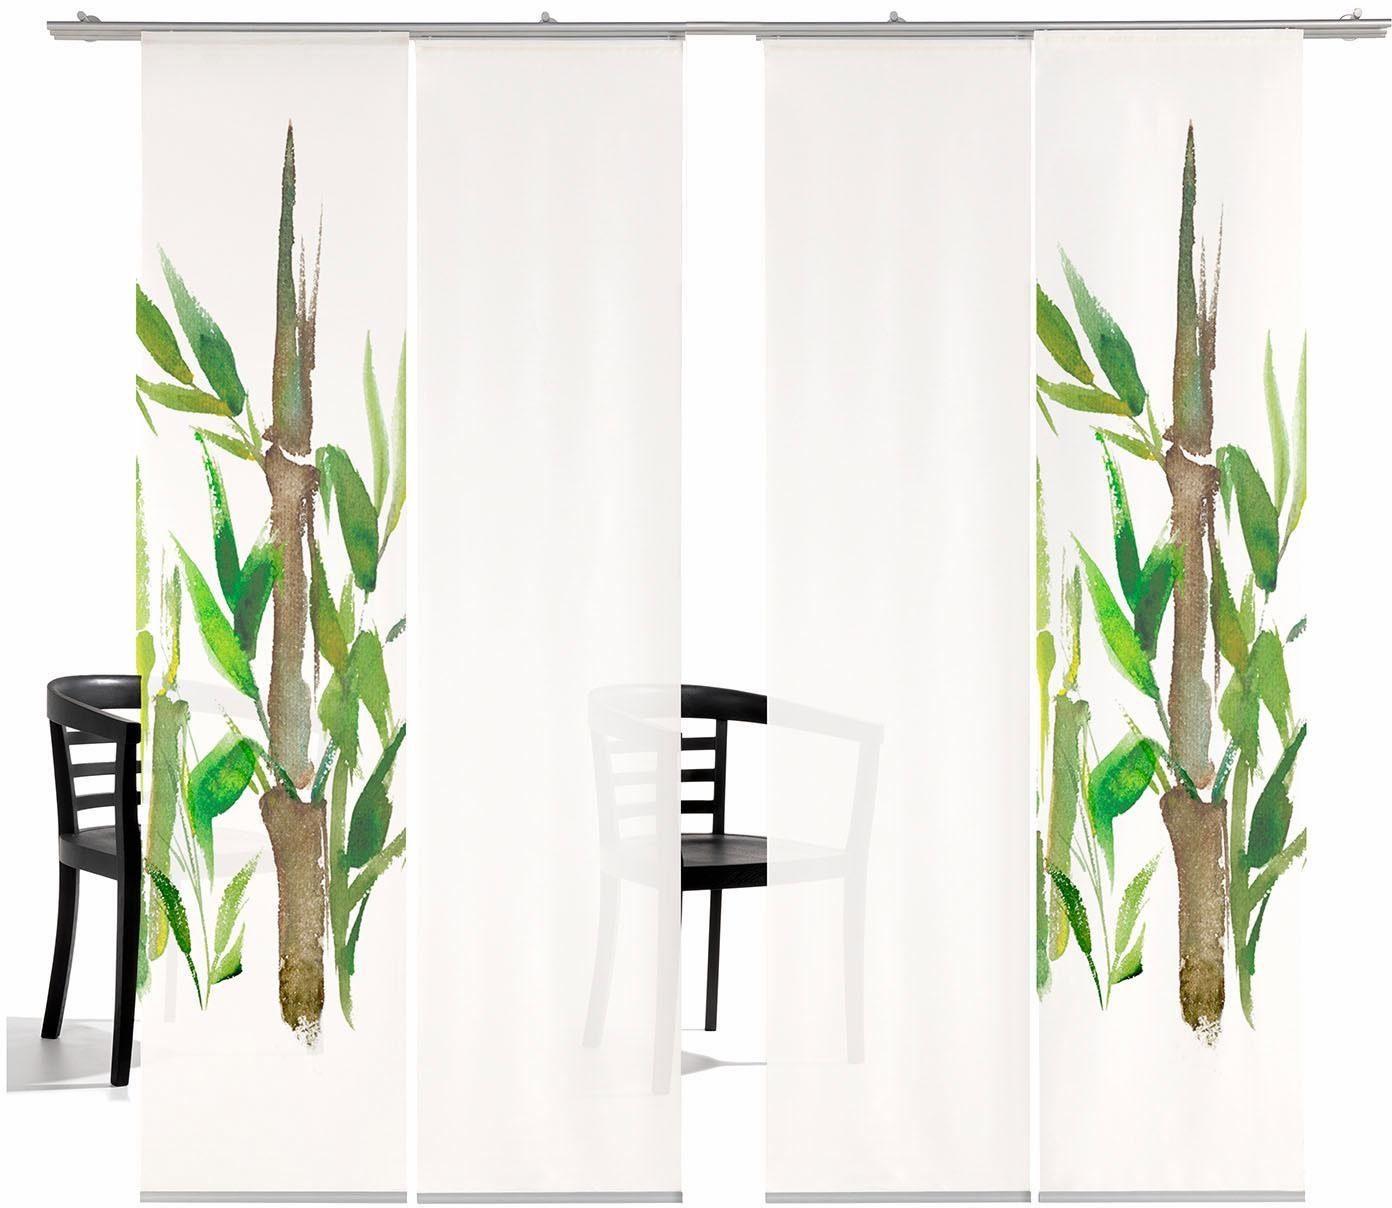 Schiebegardine »Bambus HA«, emotion textiles, Klettband (4 Stück), inkl. Befestigungszubehör